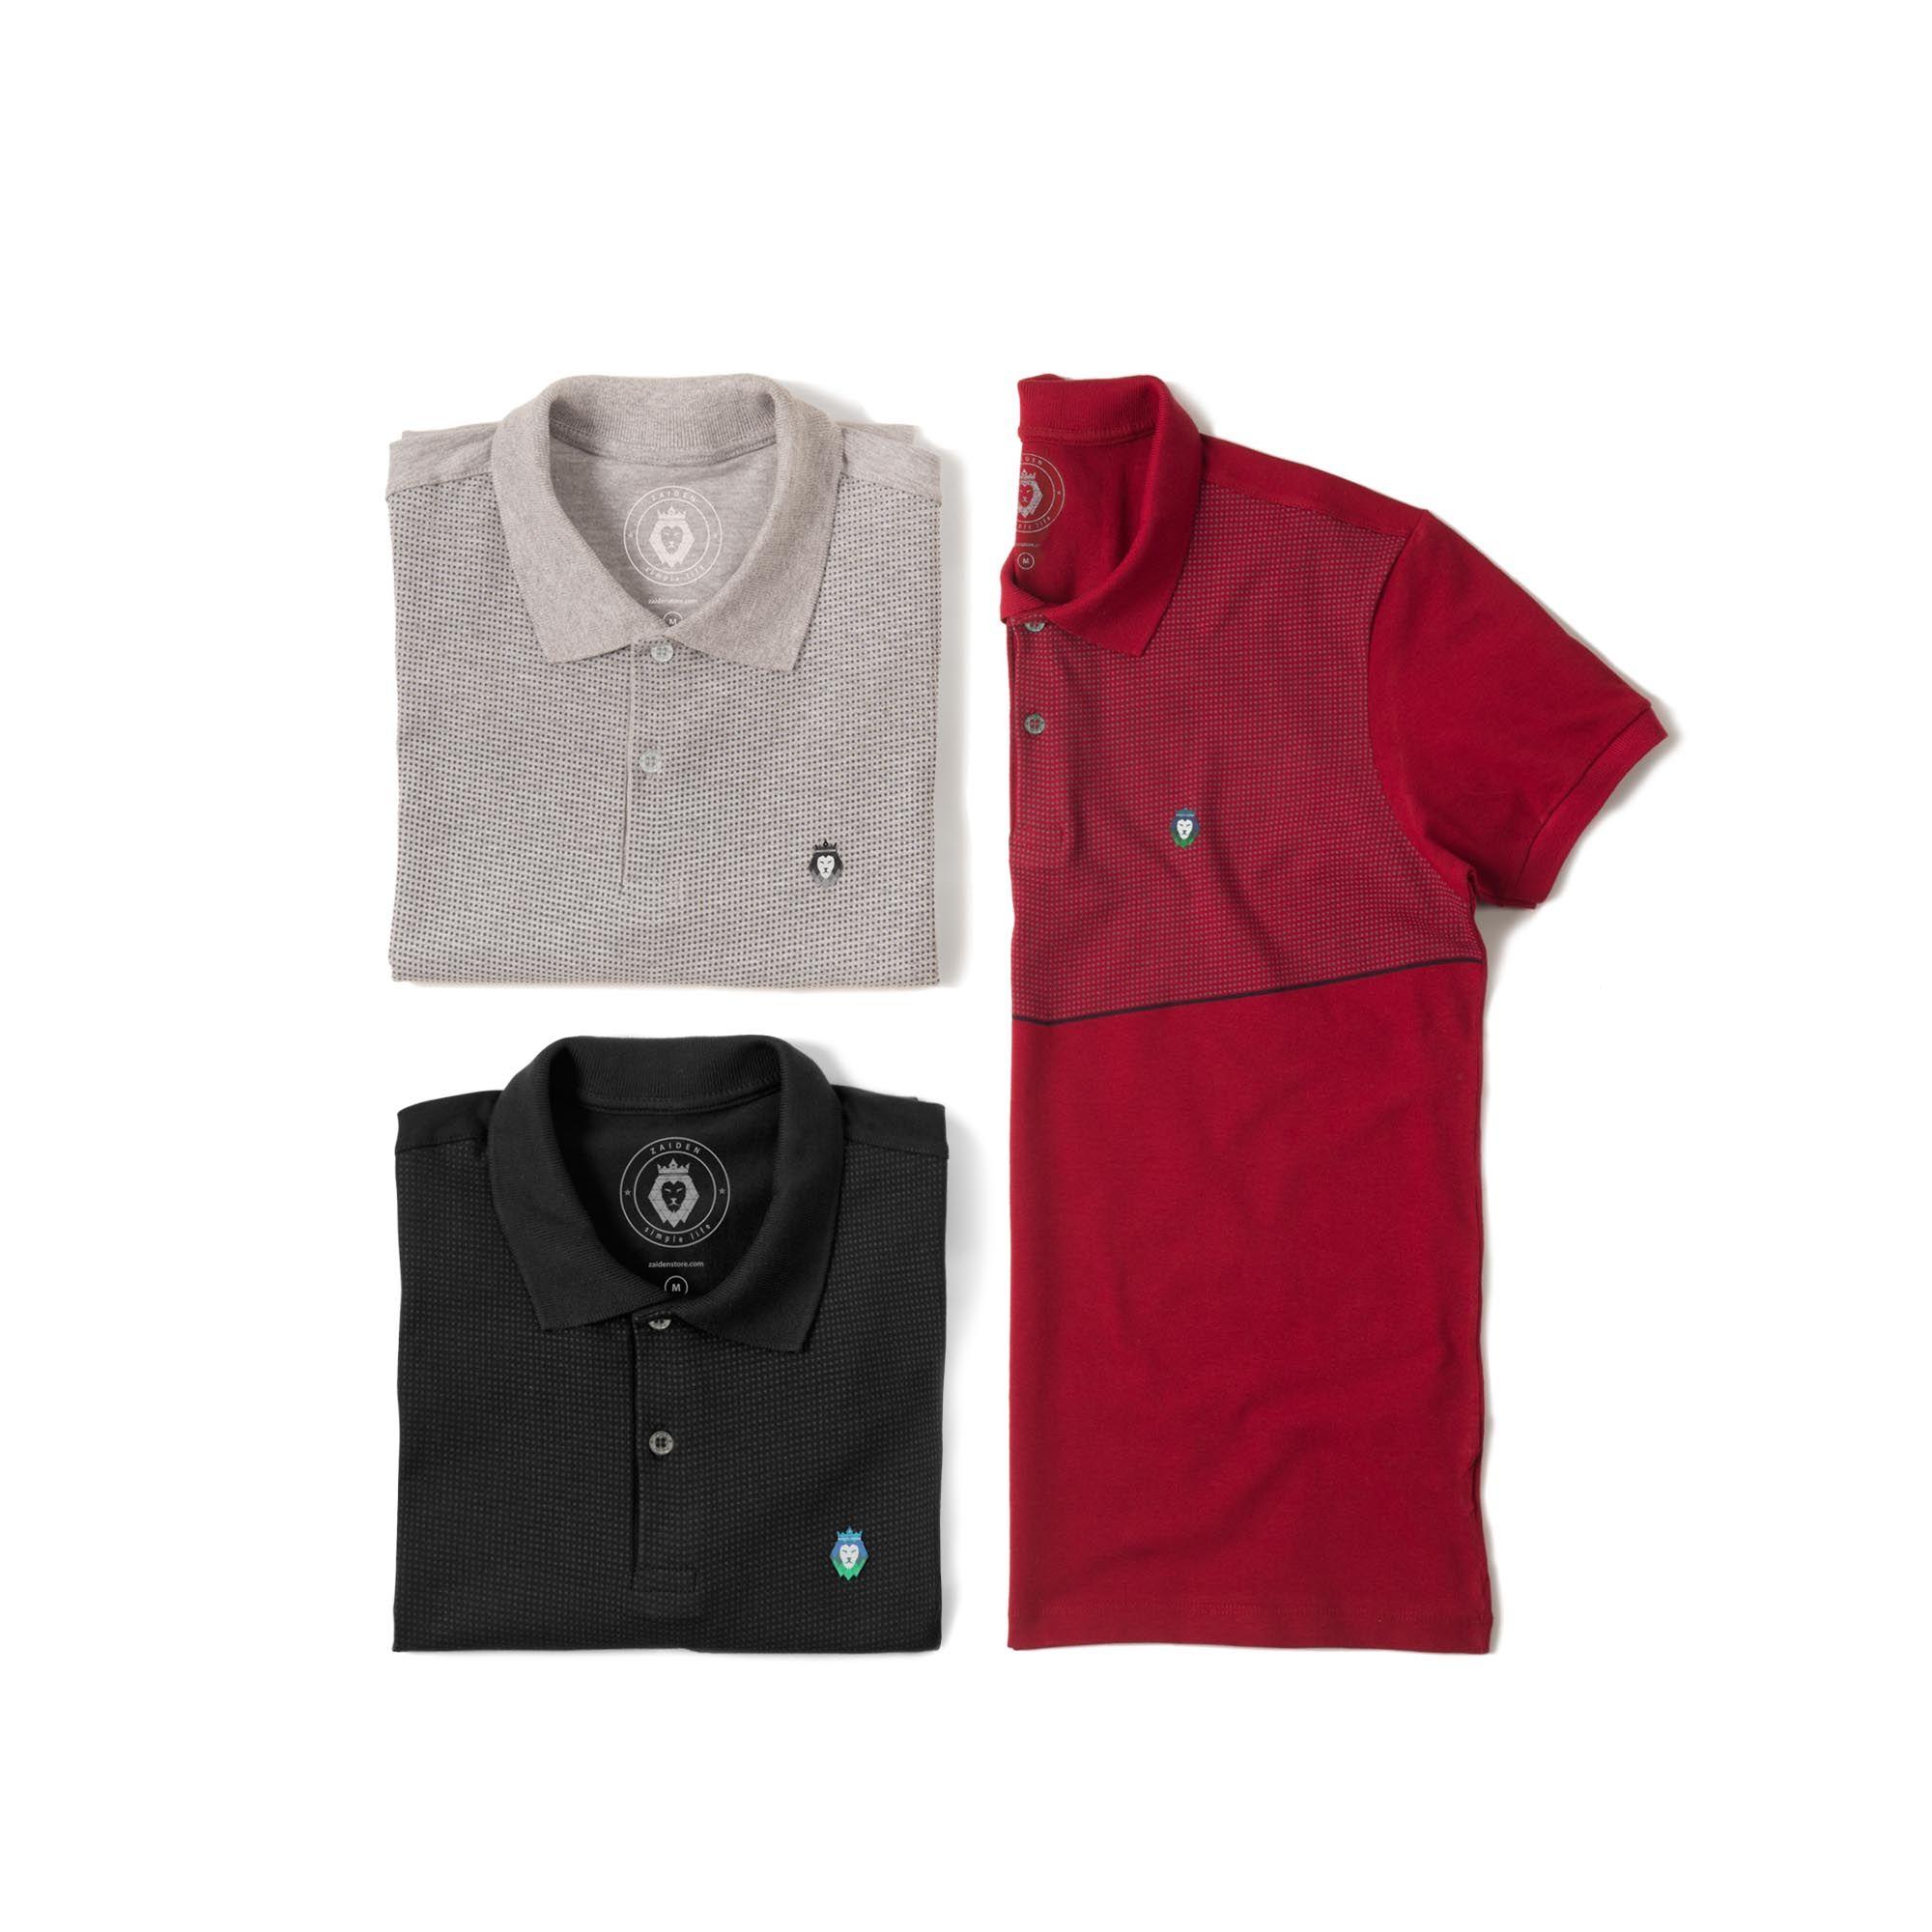 Kit 3 Camisas Polo Premium Zaiden Mescla Preta Bordô Masculina